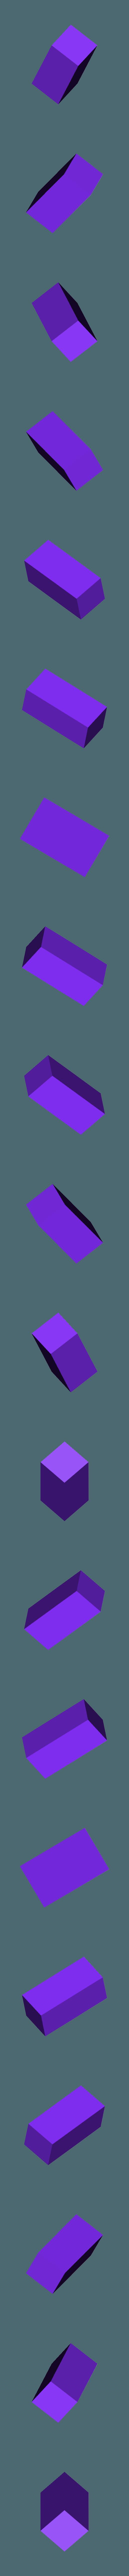 pin Left arm.stl Télécharger fichier STL gratuit Nécoline • Design pour impression 3D, DarkRadamanthys